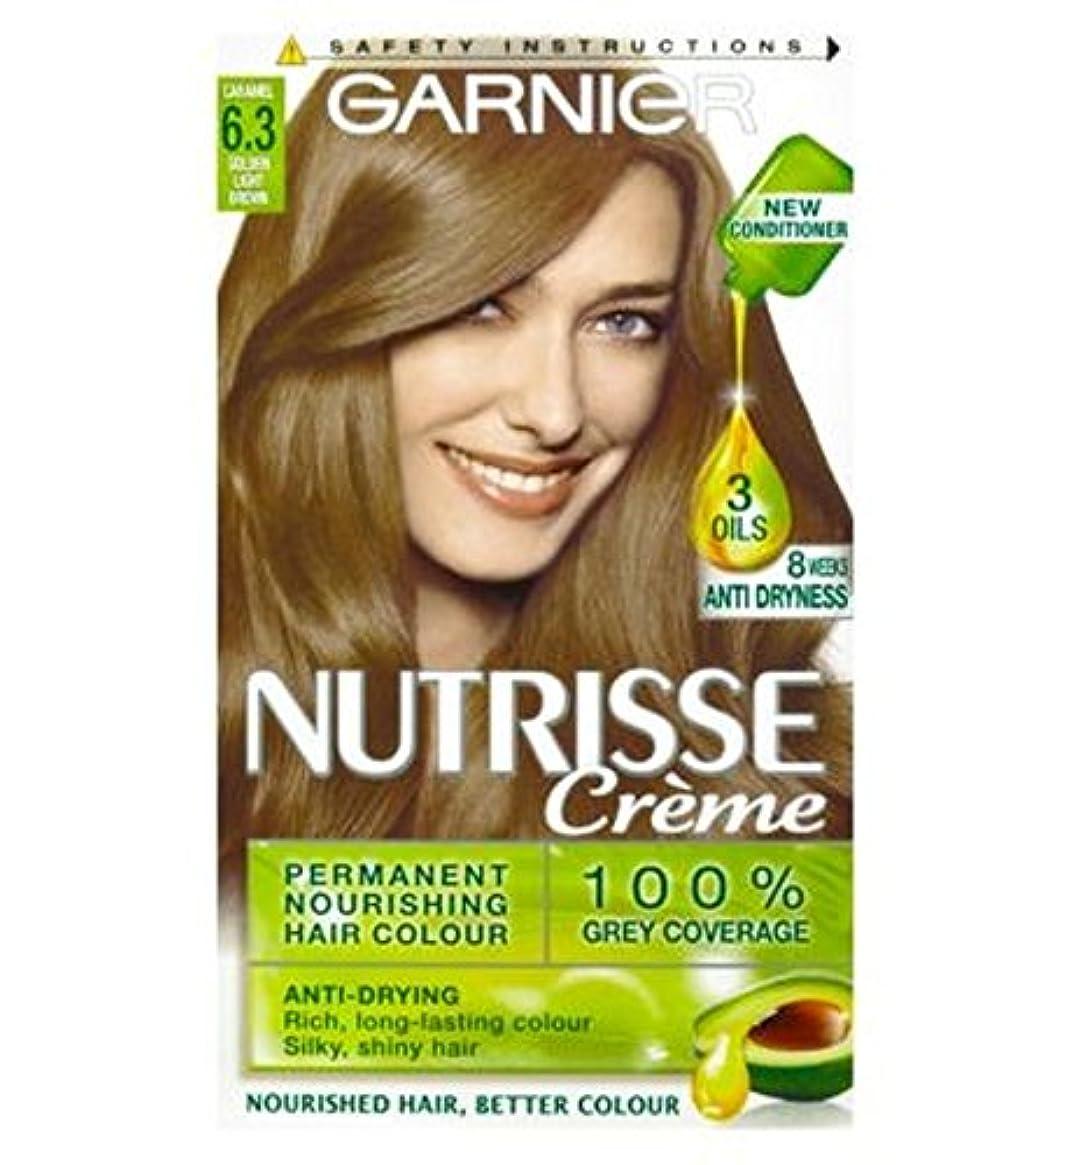 ドラフト執着フォームガルニエNutrisseクリームパーマネントヘアカラー6.3キャラメルライトブラウン (Garnier) (x2) - Garnier Nutrisse Cr?me Permanent Hair Colour 6.3 Caramel...